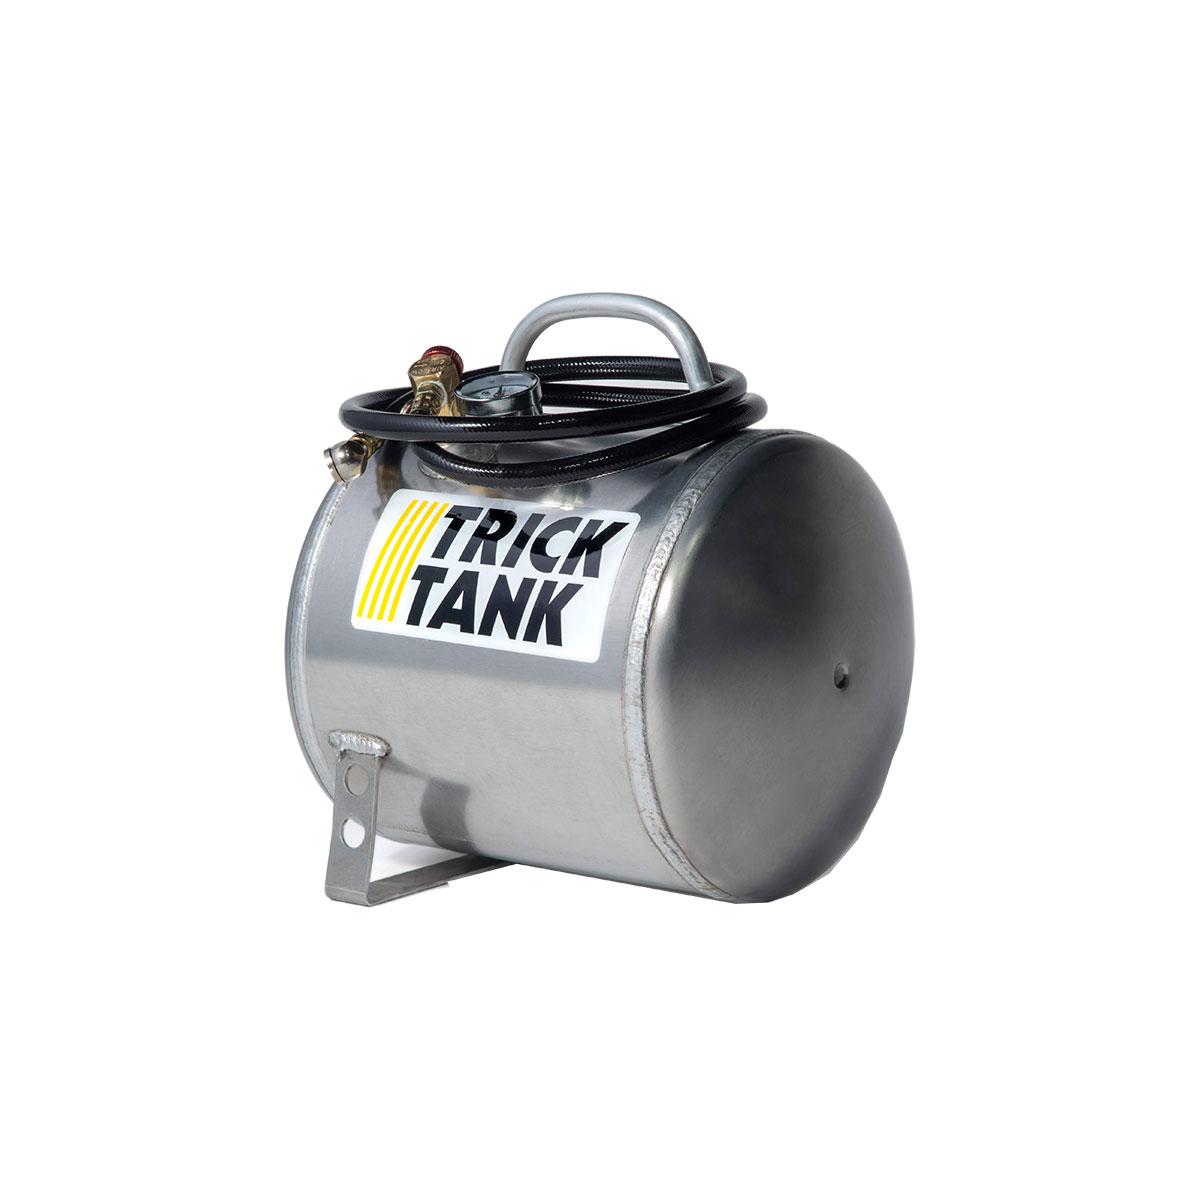 2.5 gallon aluminum air tank